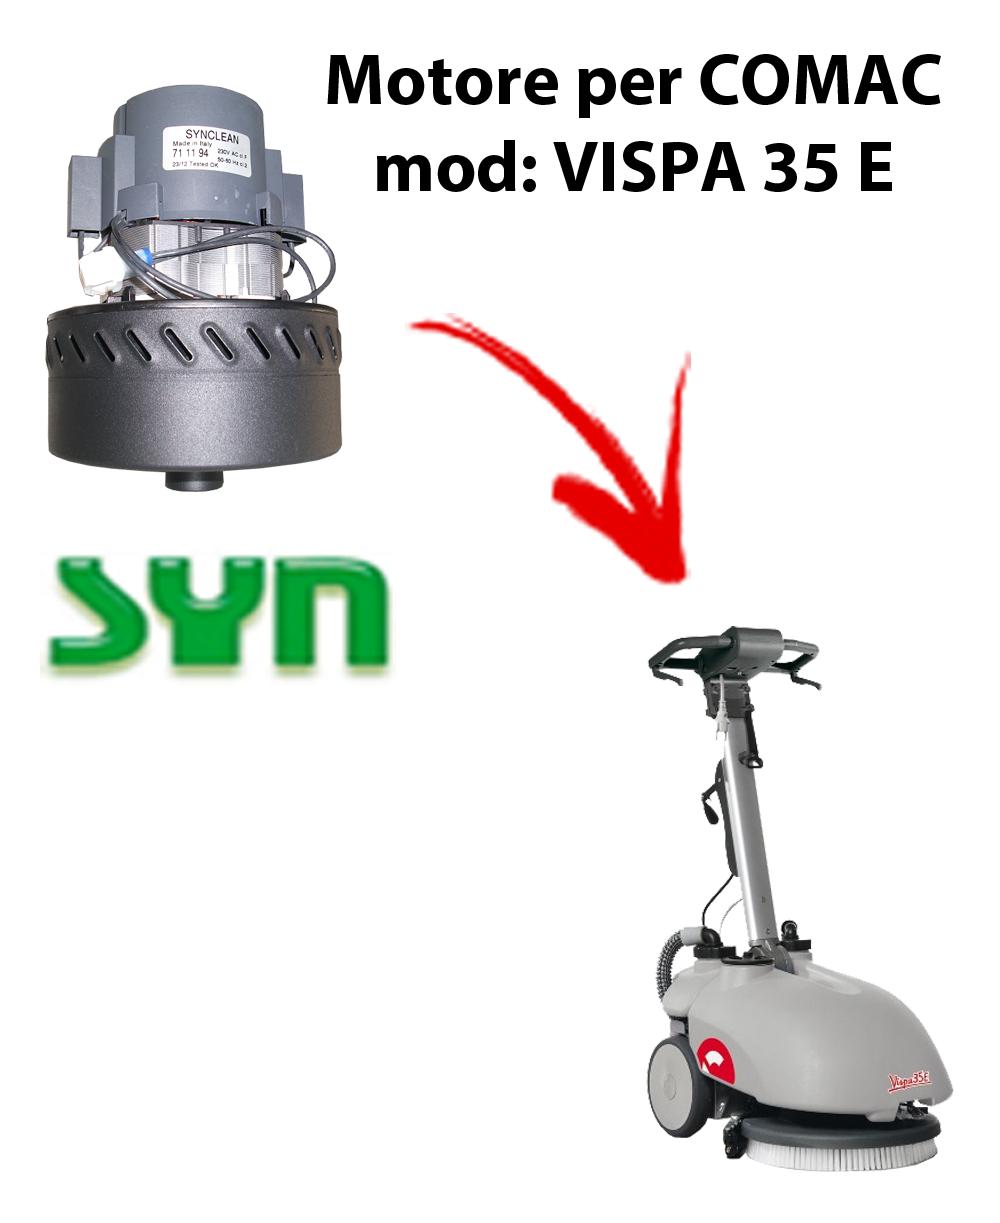 Motore Synclean di aspirazione per lavapavimenti Comac VISPA 35 E